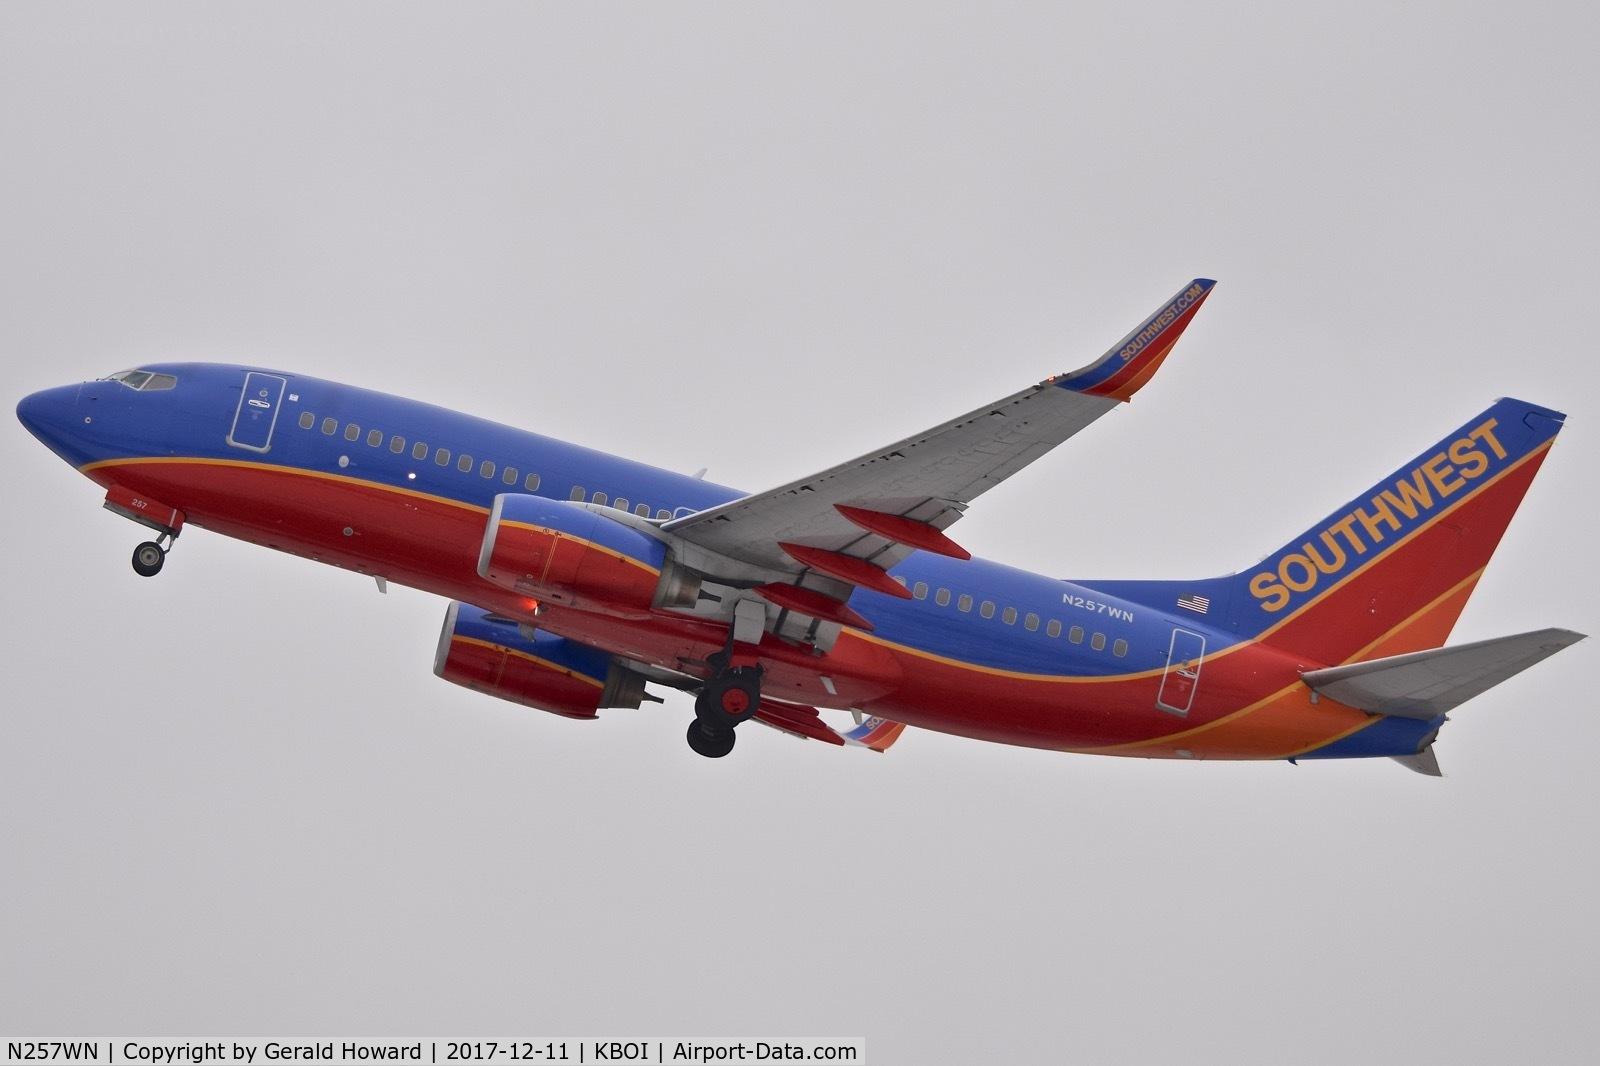 N257WN, 2006 Boeing 737-7H4 C/N 32515, Departing BOI.